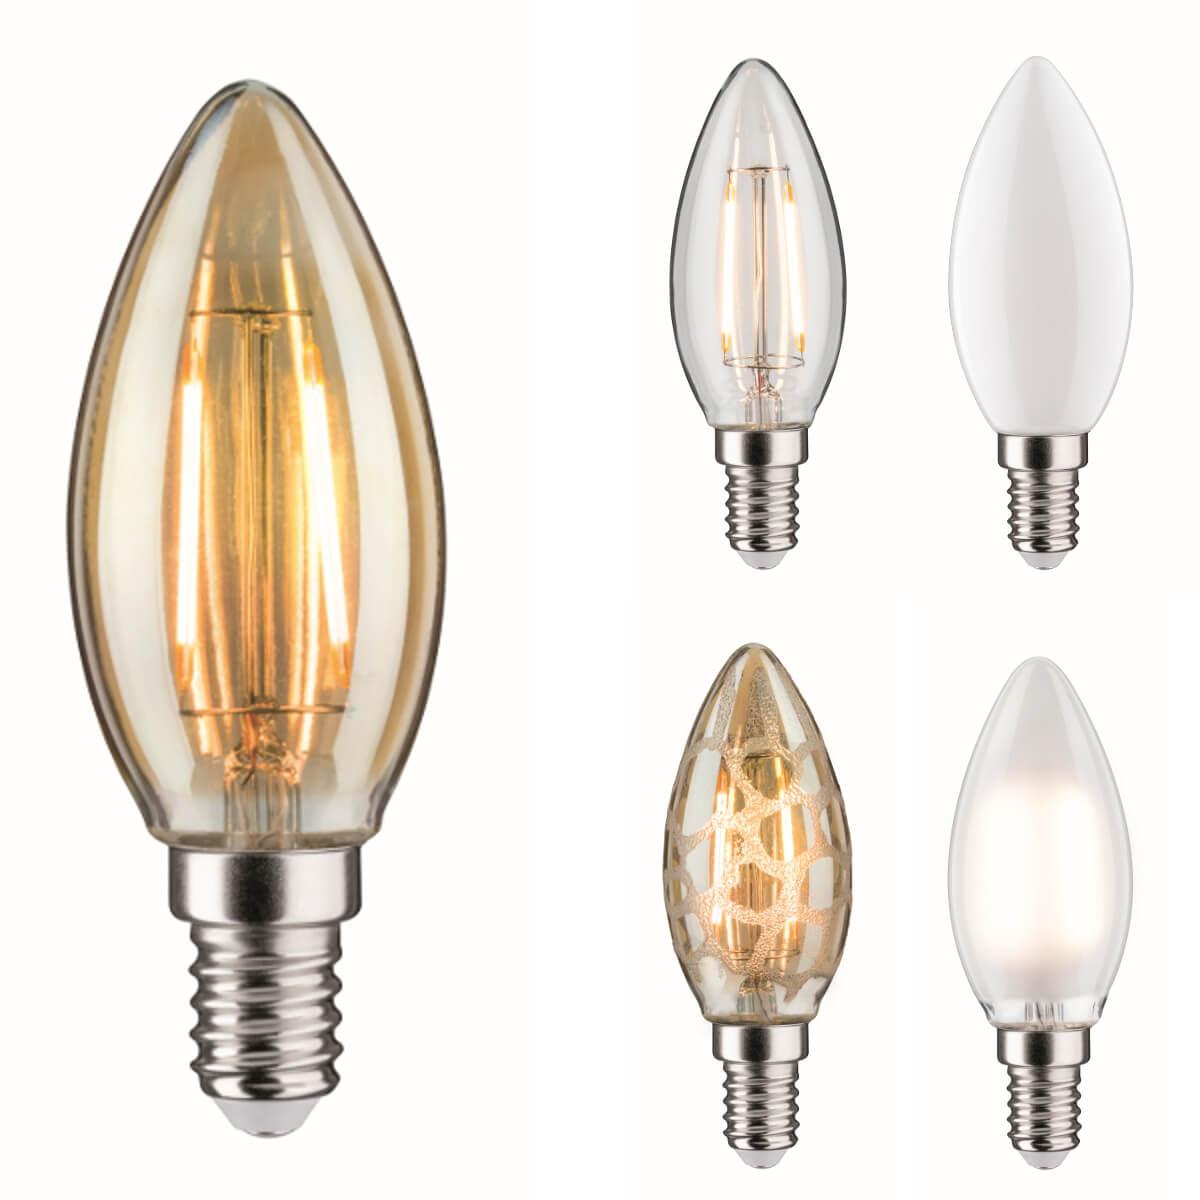 leuchtmittel lampen leuchten markenbaumarkt24. Black Bedroom Furniture Sets. Home Design Ideas